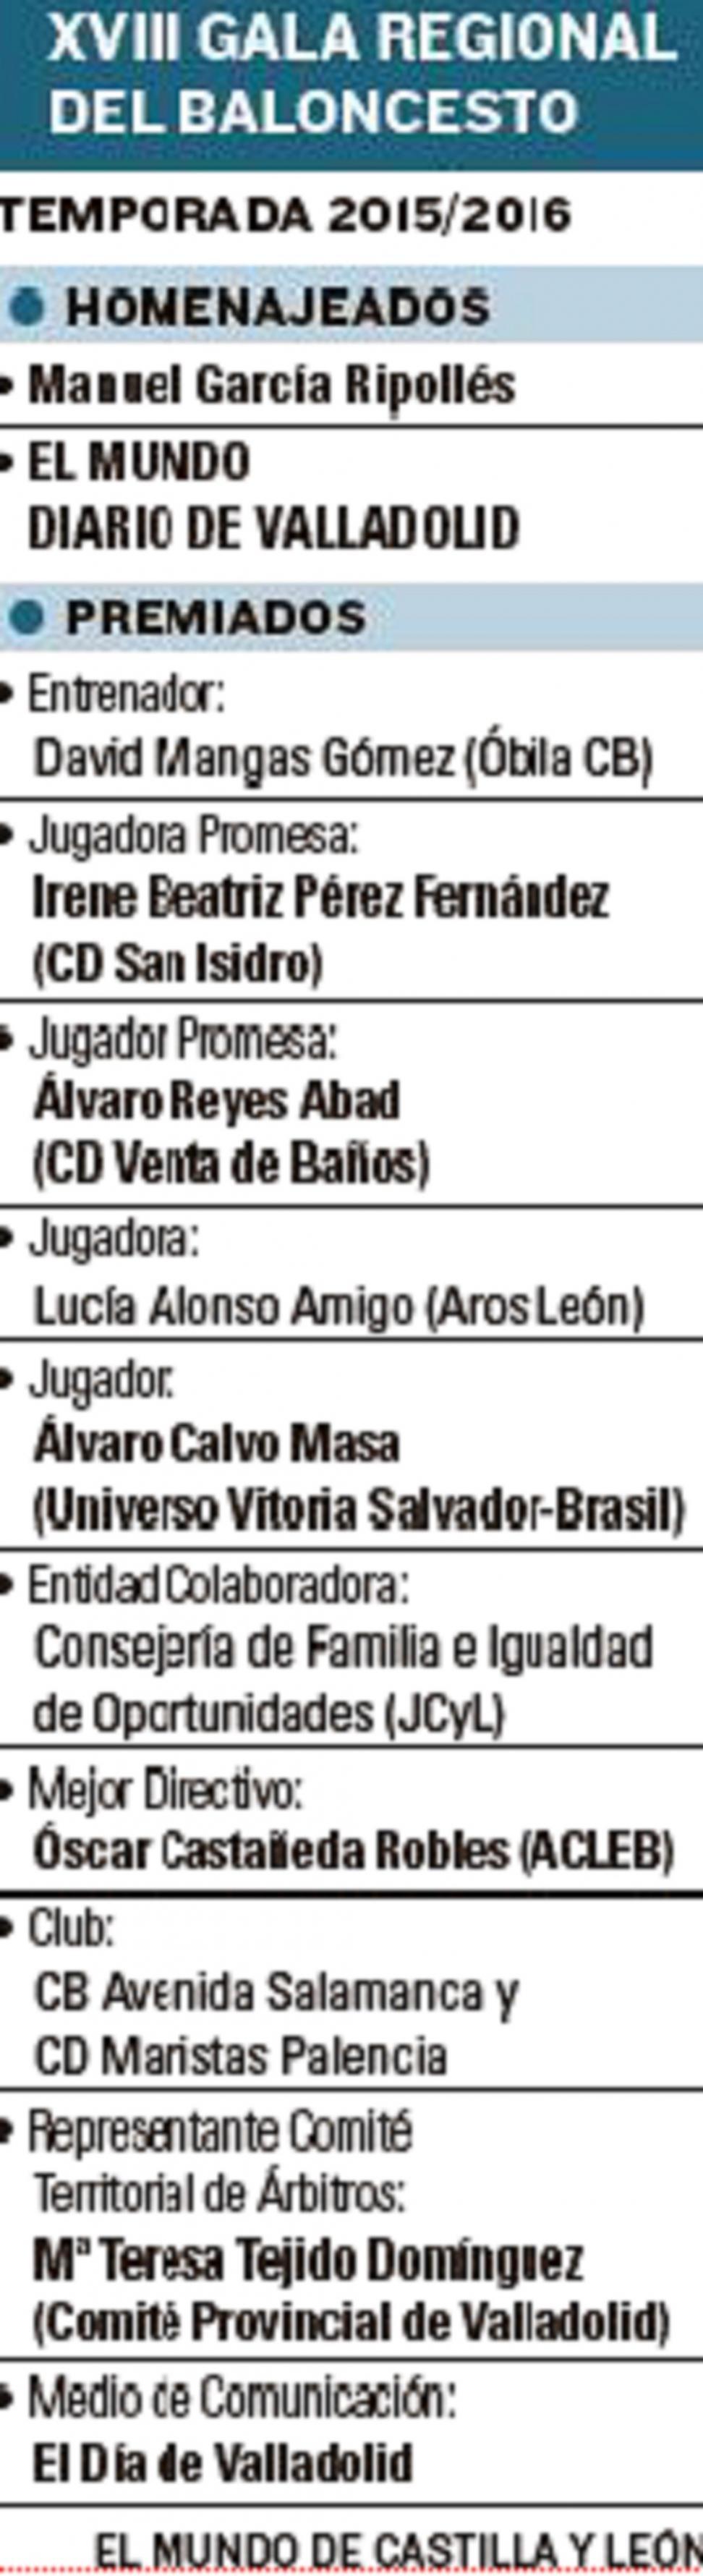 Calendario Escolar 2019 Palencia Más Actual Popular Of Calendario Escolar 2019 Palencia Recientes Boe Documento Consolidado Boe A 2018 9268